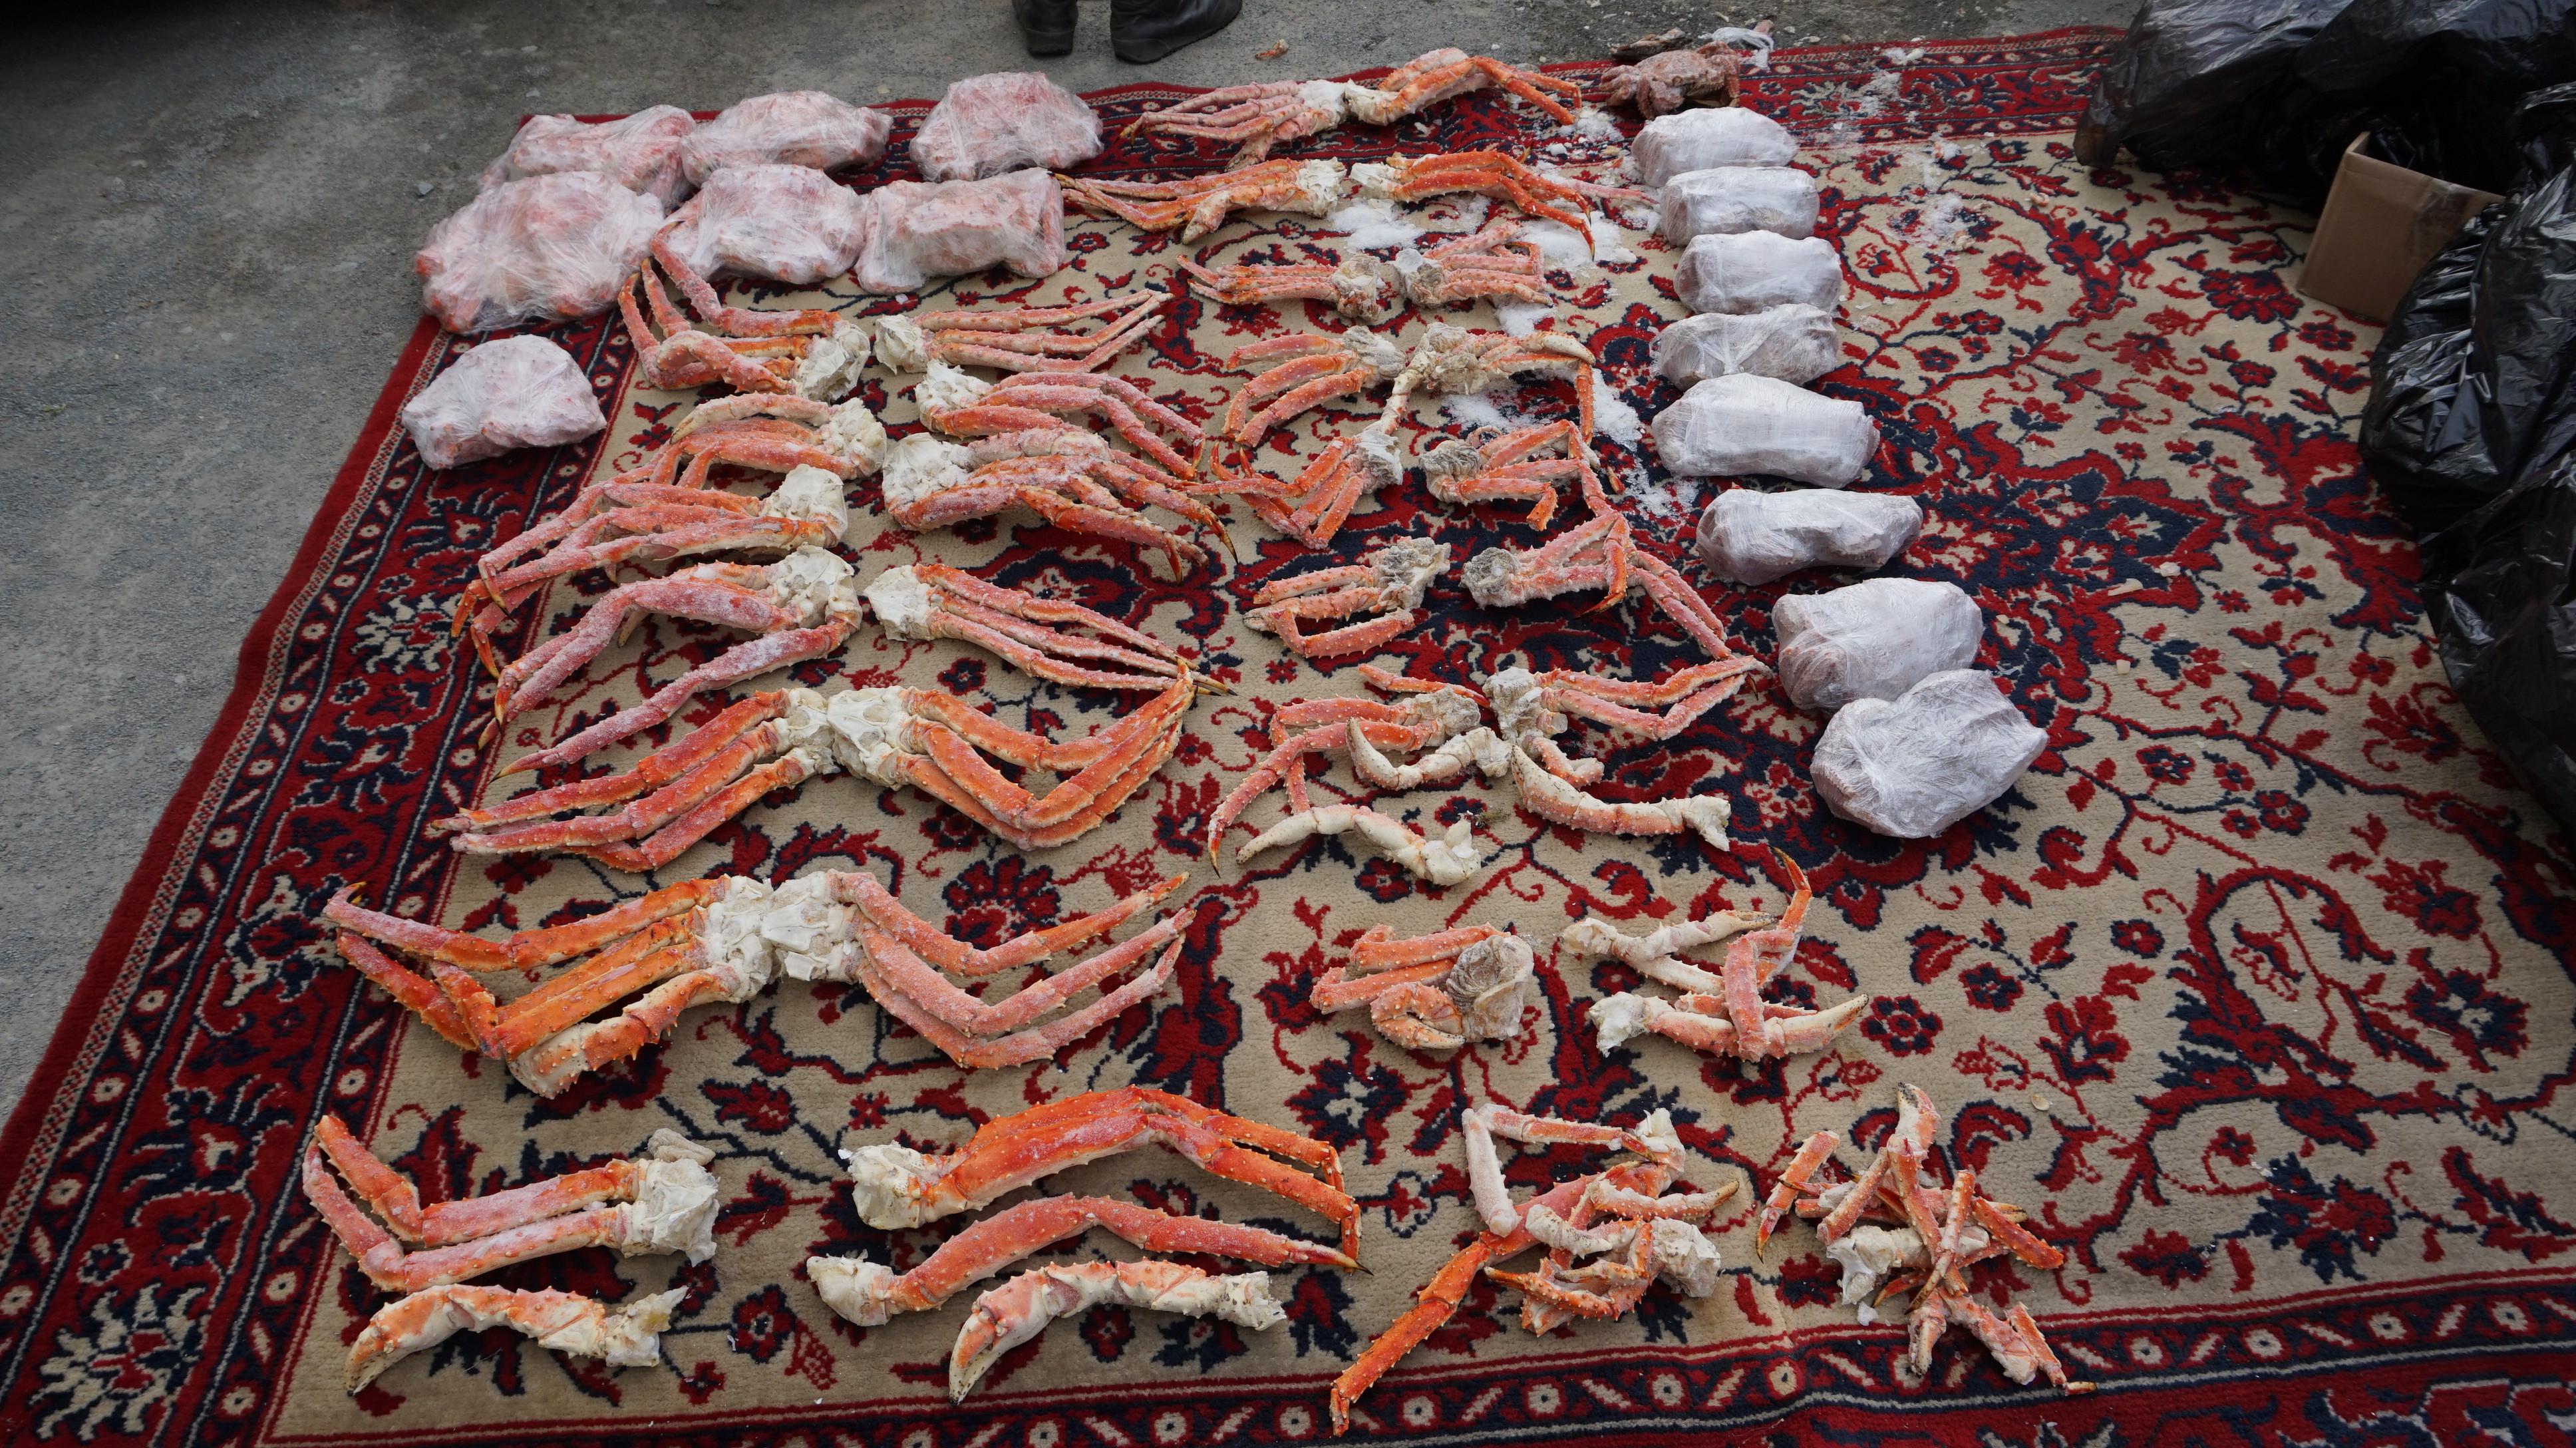 Нелегальные цеха с 4 тоннами морепродуктов нашли в Приморье